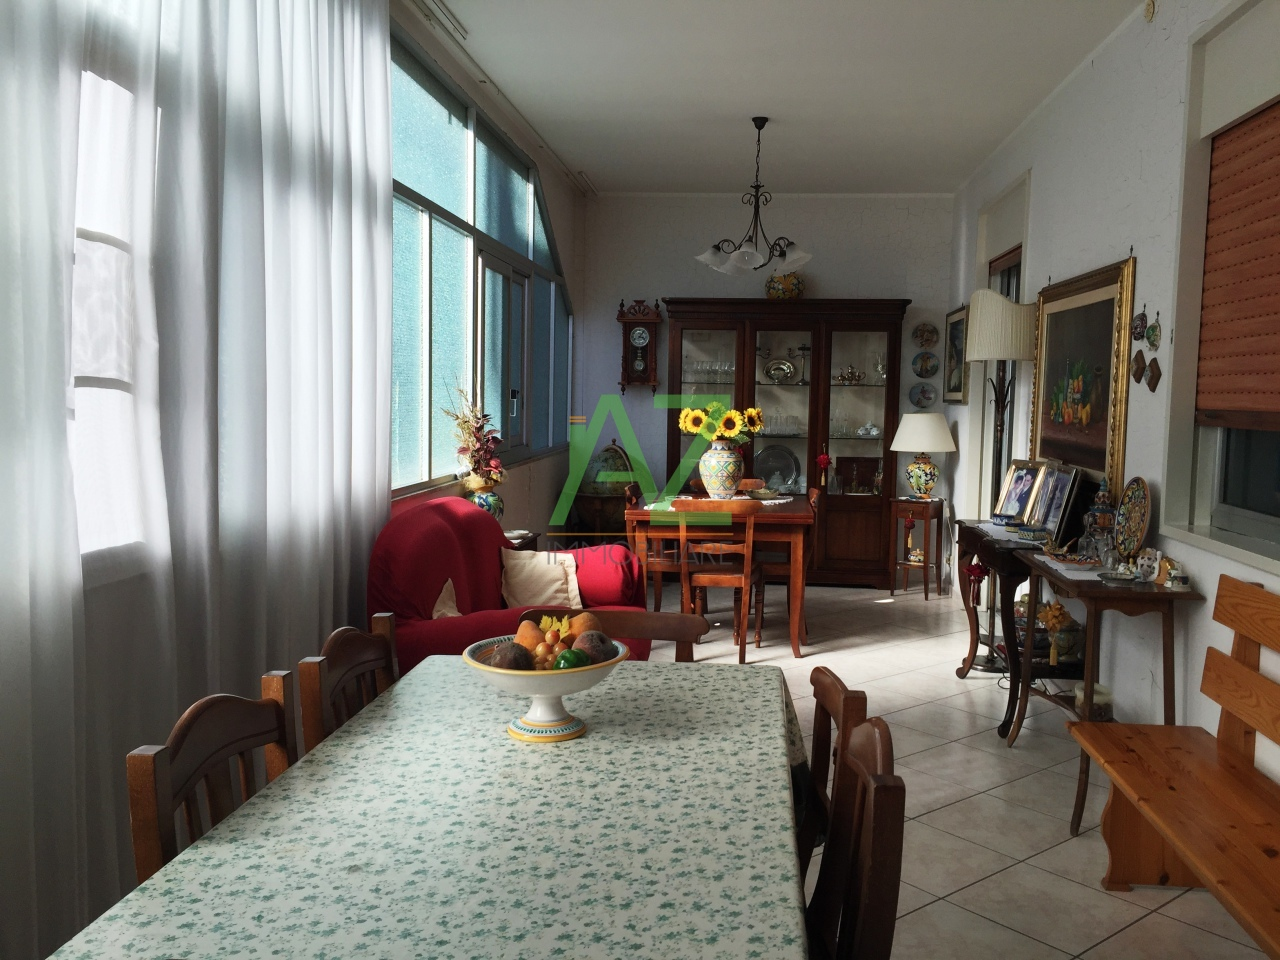 Appartamento in vendita a San Gregorio di Catania, 3 locali, prezzo € 119.000 | Cambio Casa.it